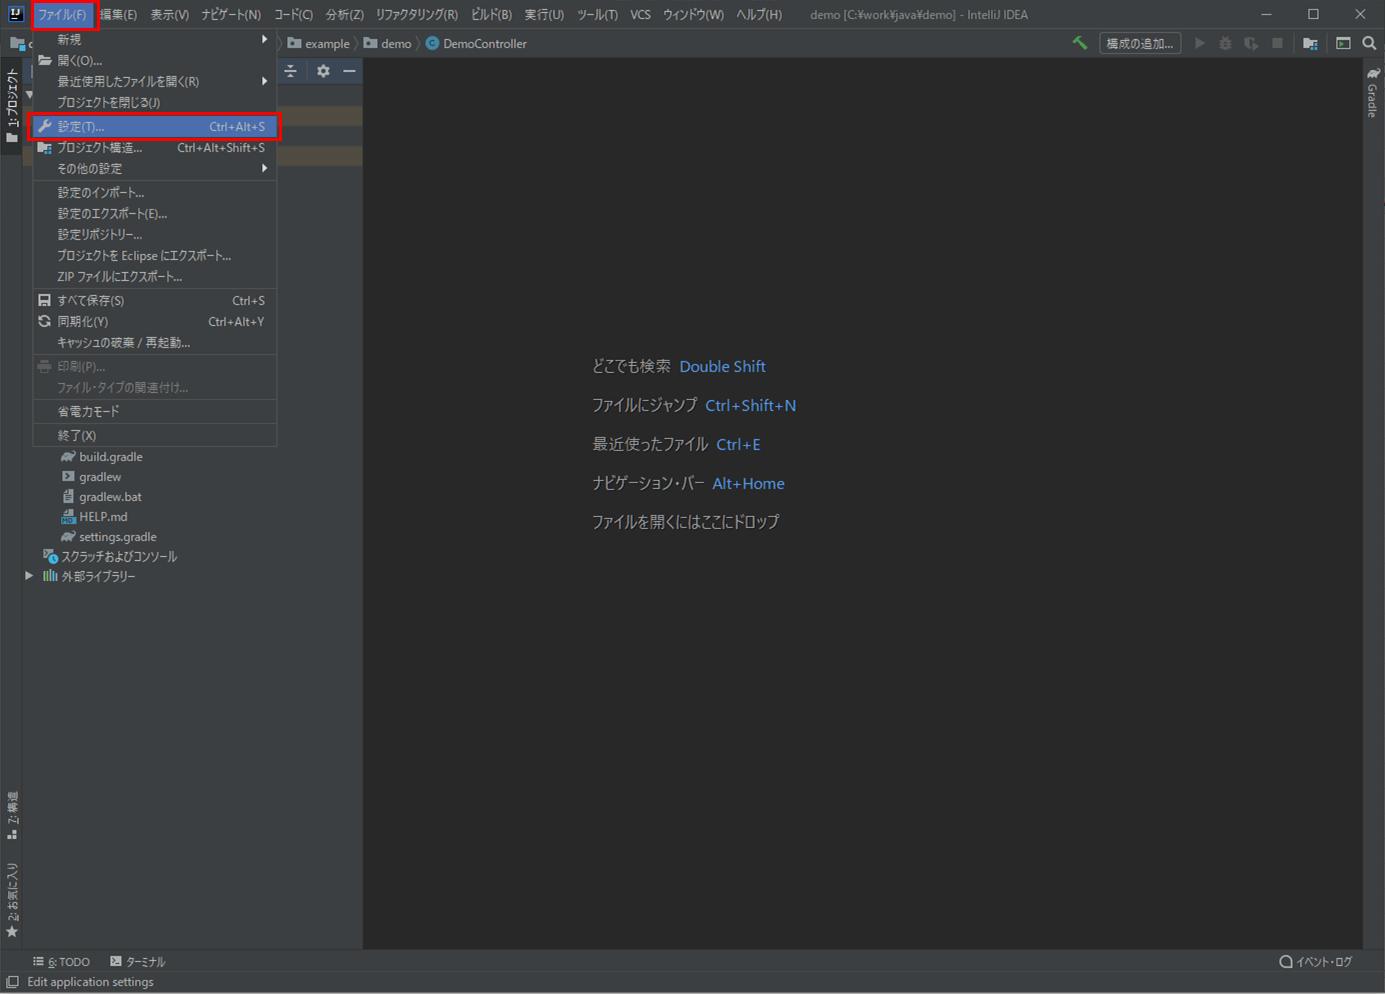 コードスタイルの確認1